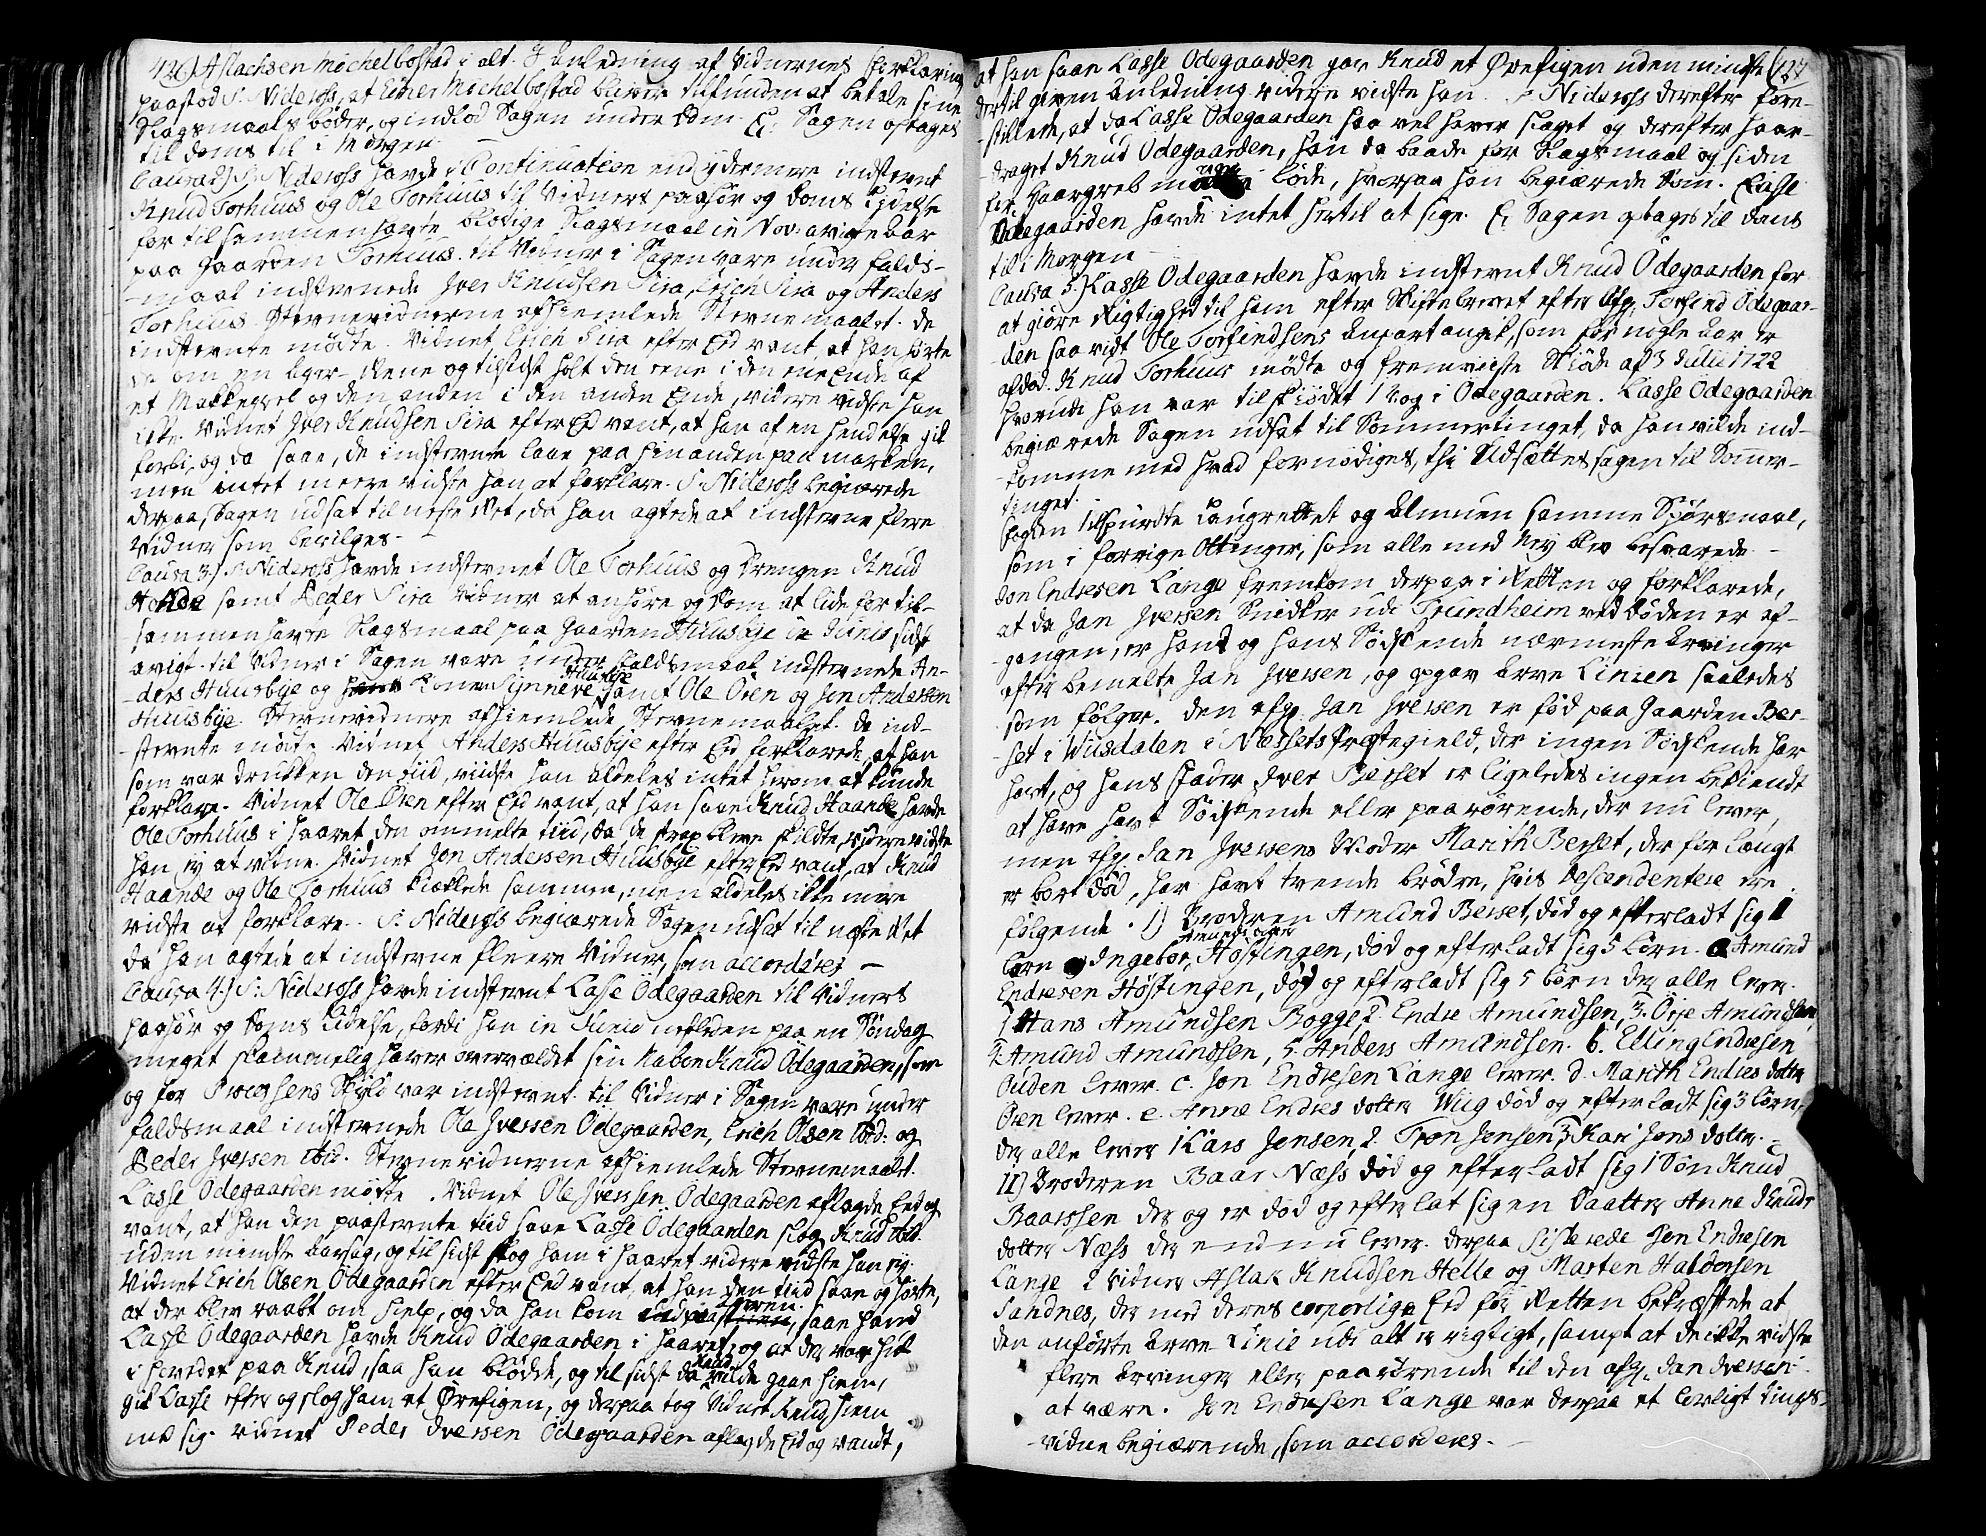 SAT, Romsdal sorenskriveri, 1/1A/L0013: Tingbok, 1749-1757, s. 426-427